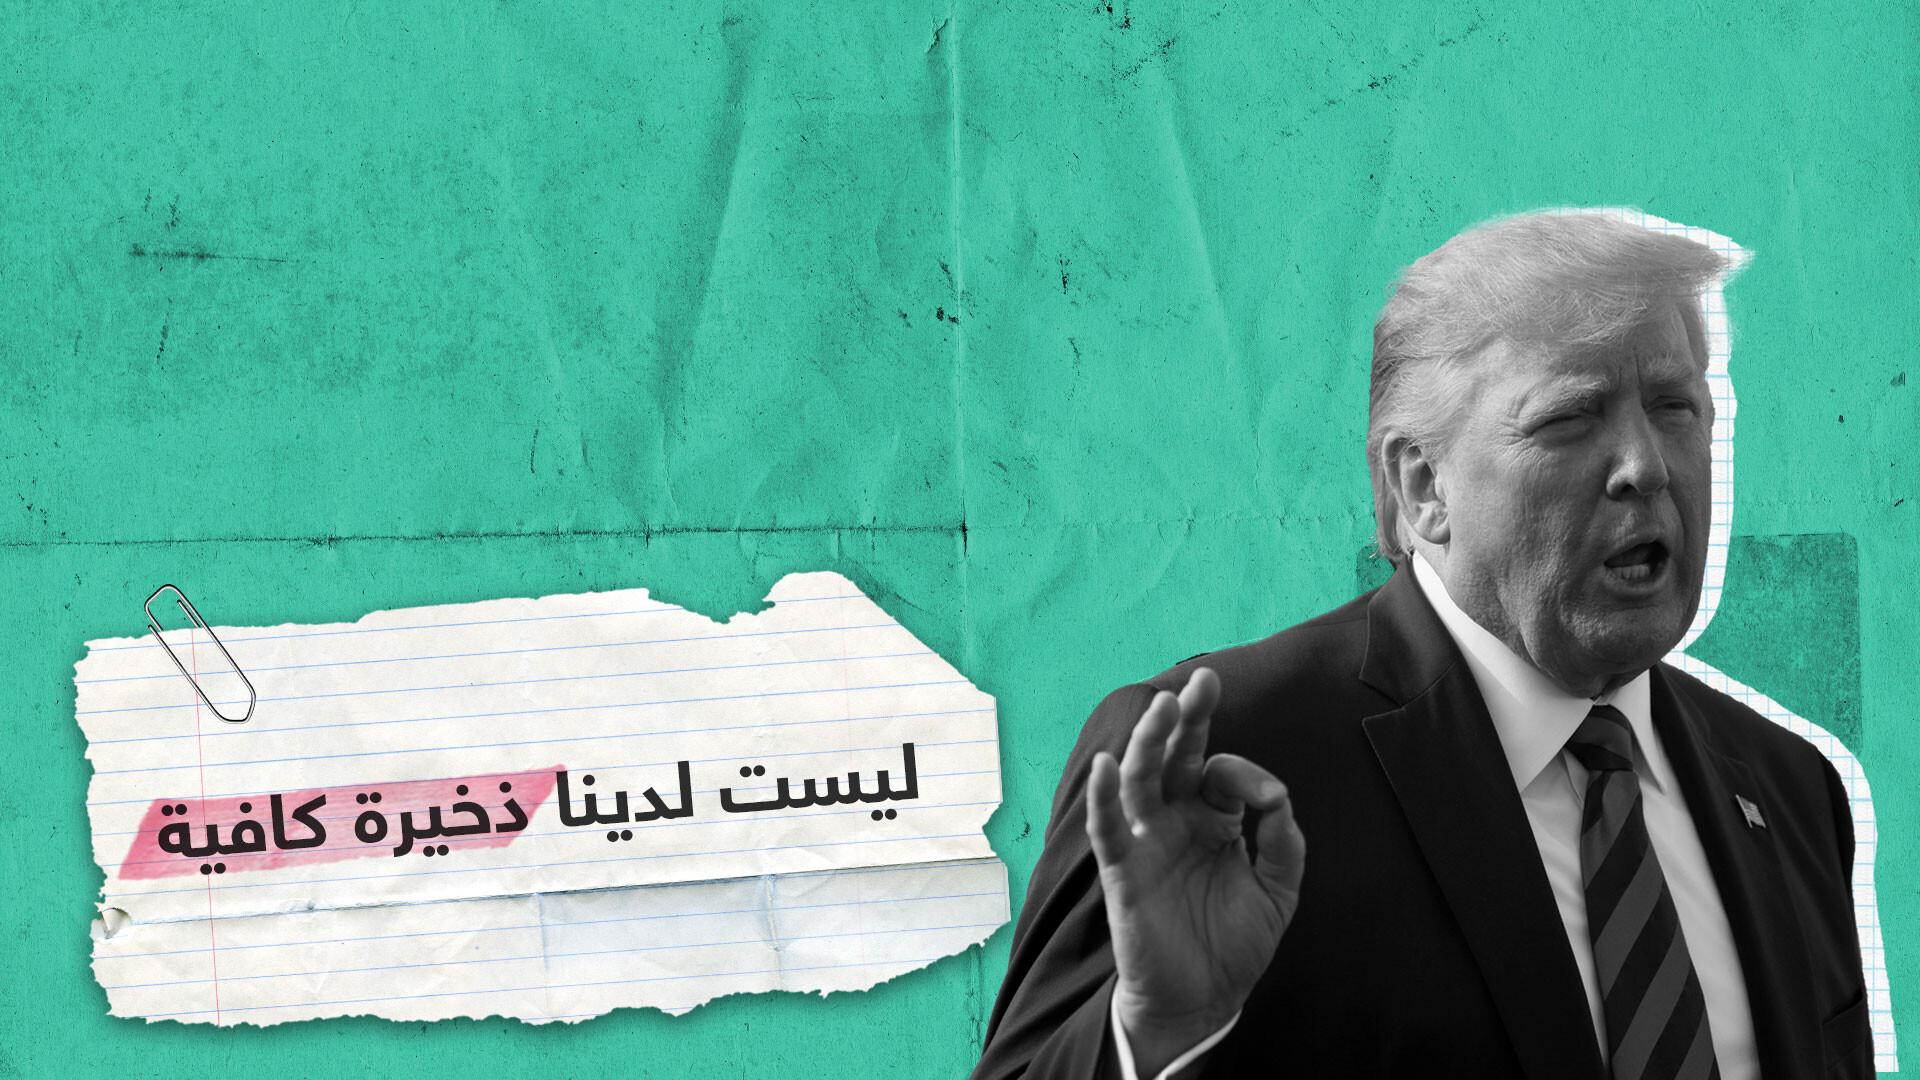 """ترامب يكشف عن أزمة """"فظيعة"""" تعرض لها مع دخوله البيت الأبيض"""